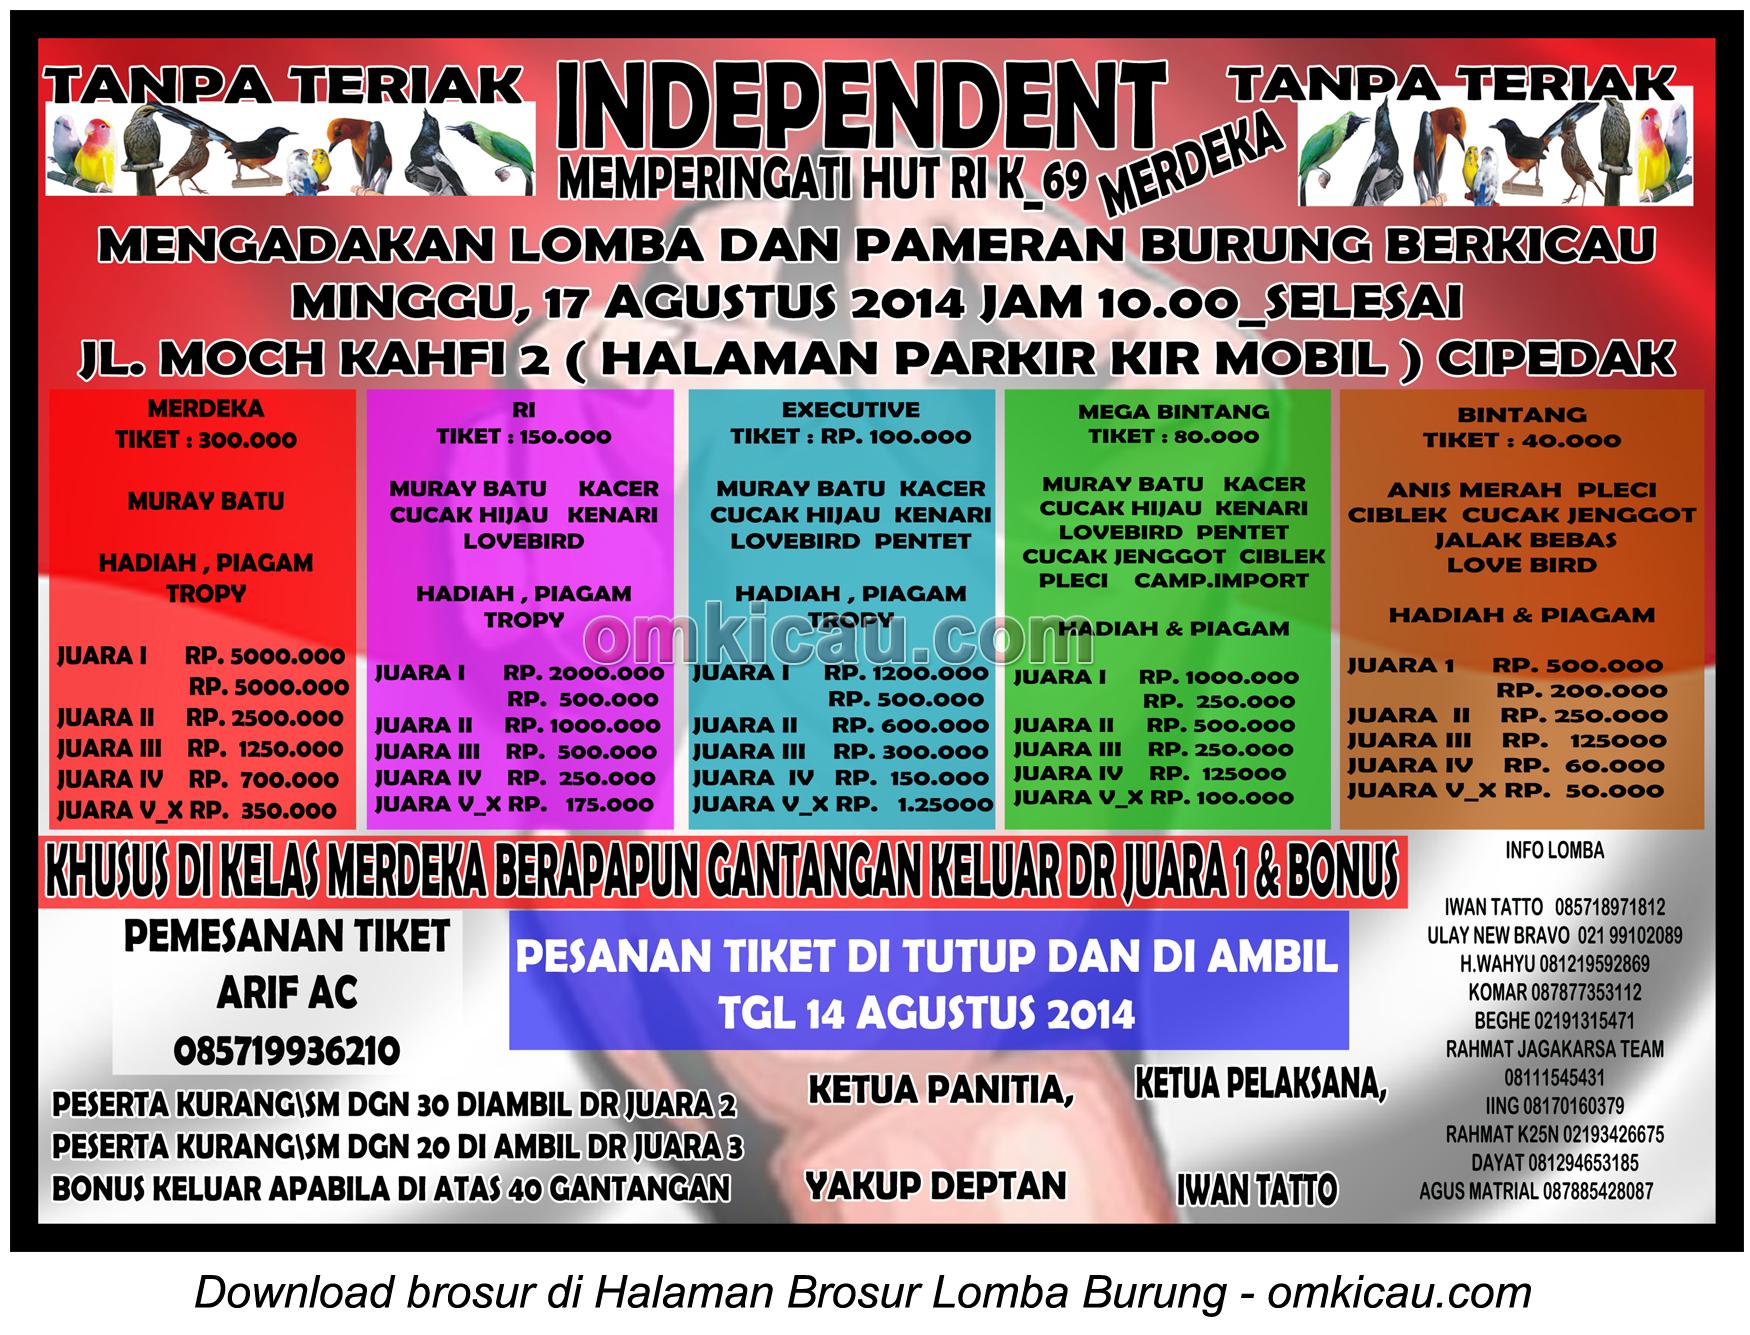 Lomba Burung Independent, Jakarta Selatan, 17 Agustus 2014